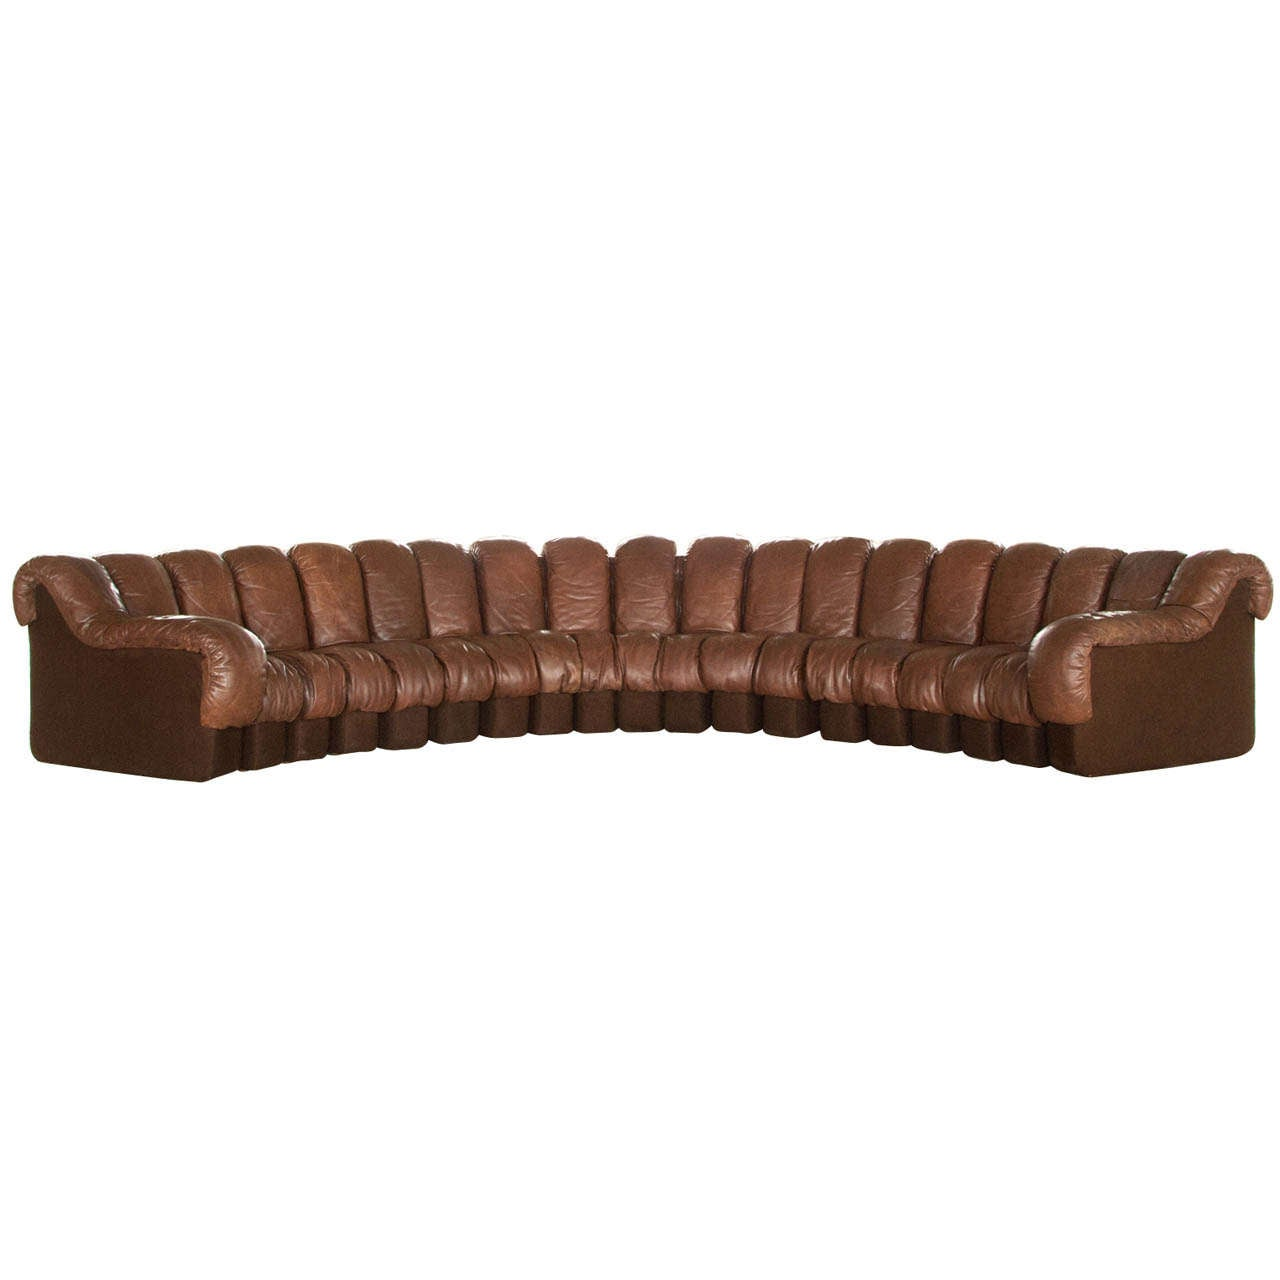 De Sede Ds 600 Non Stop Sectional Sofa 19pcs Cognac